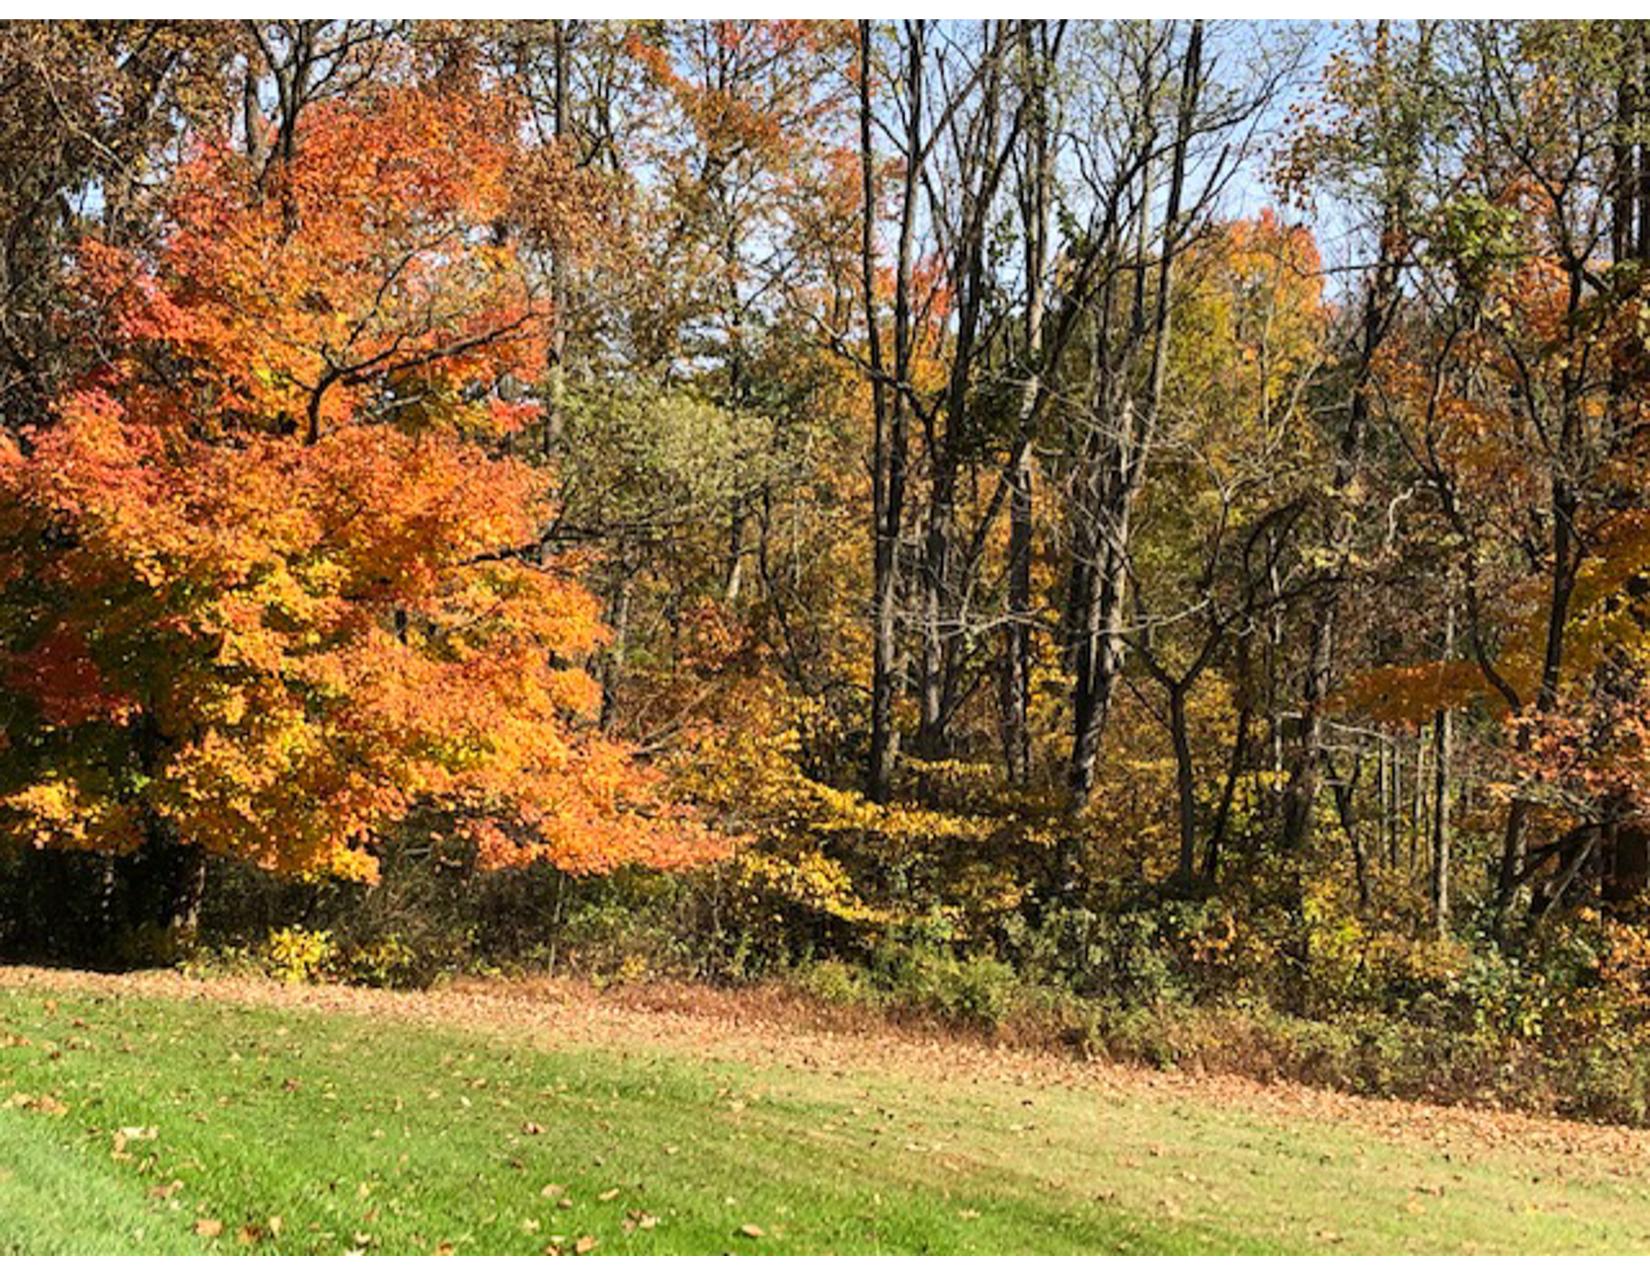 Fall-Foliage-B-02